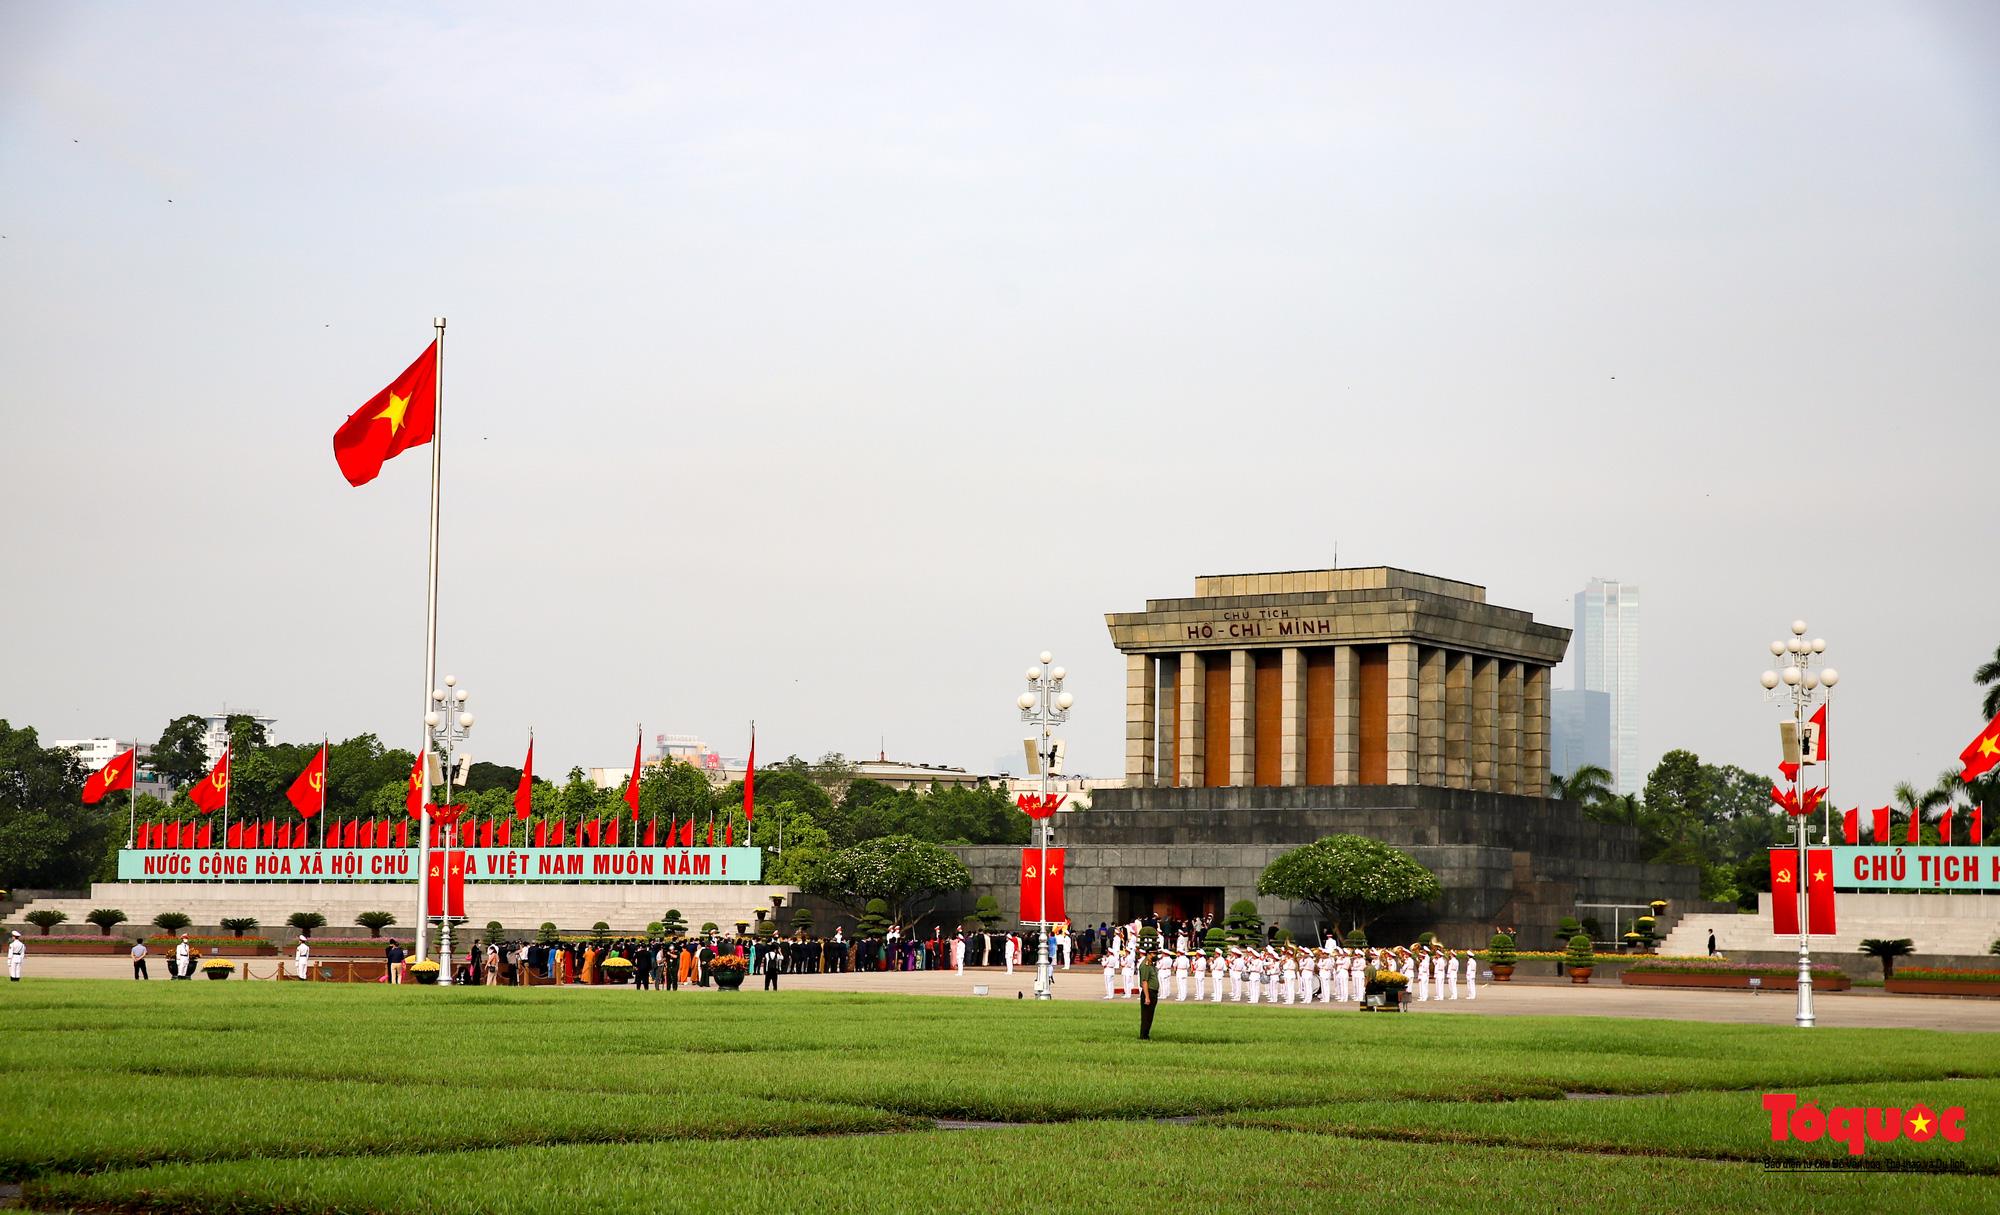 Lãnh đạo Đảng, Nhà nước và các đại biểu Quốc hội khóa XV vào Lăng viếng Chủ tịch Hồ Chí Minh - Ảnh 1.